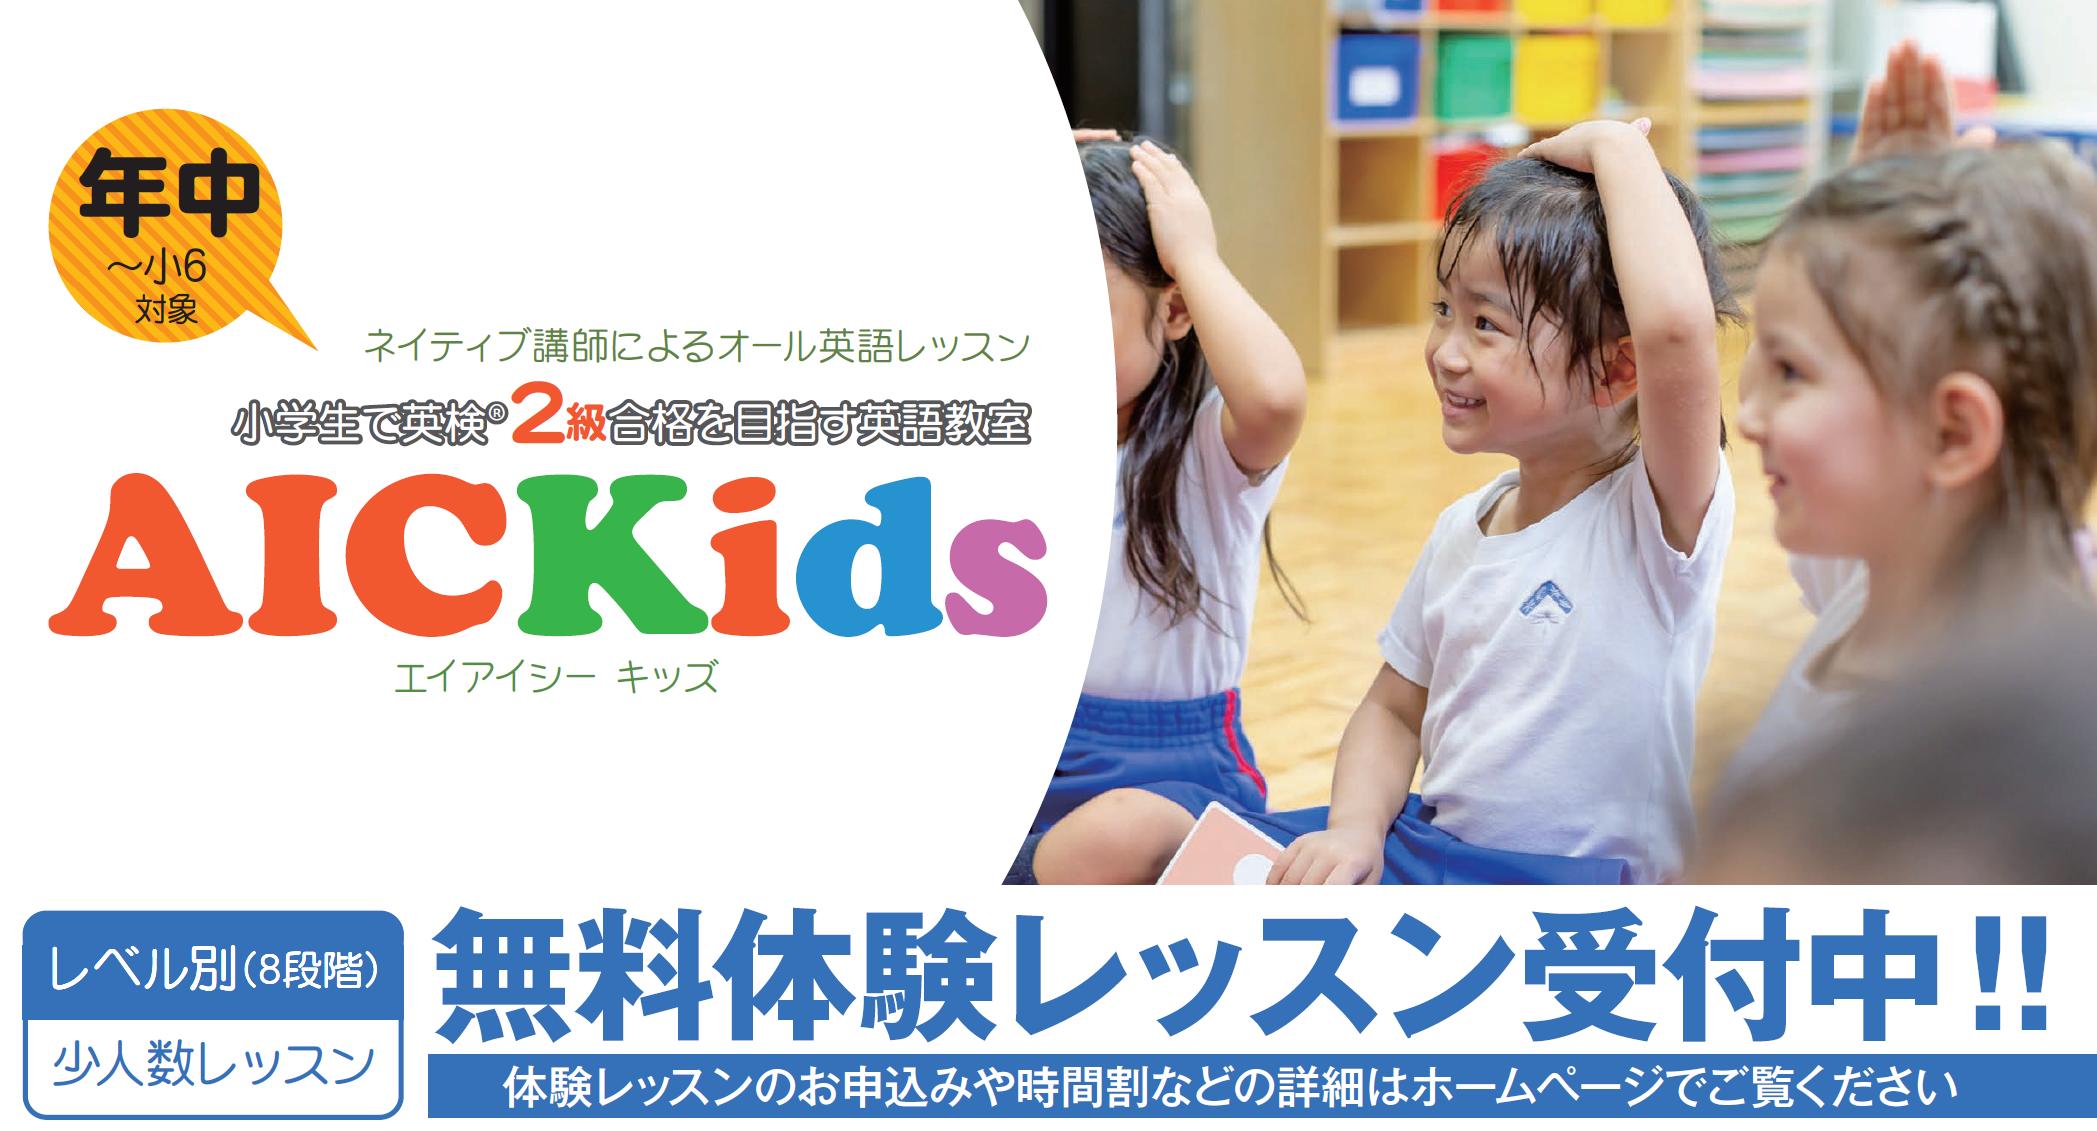 7月からAIC Kids新学期!新入会体験レッスンを各校で受付中!!